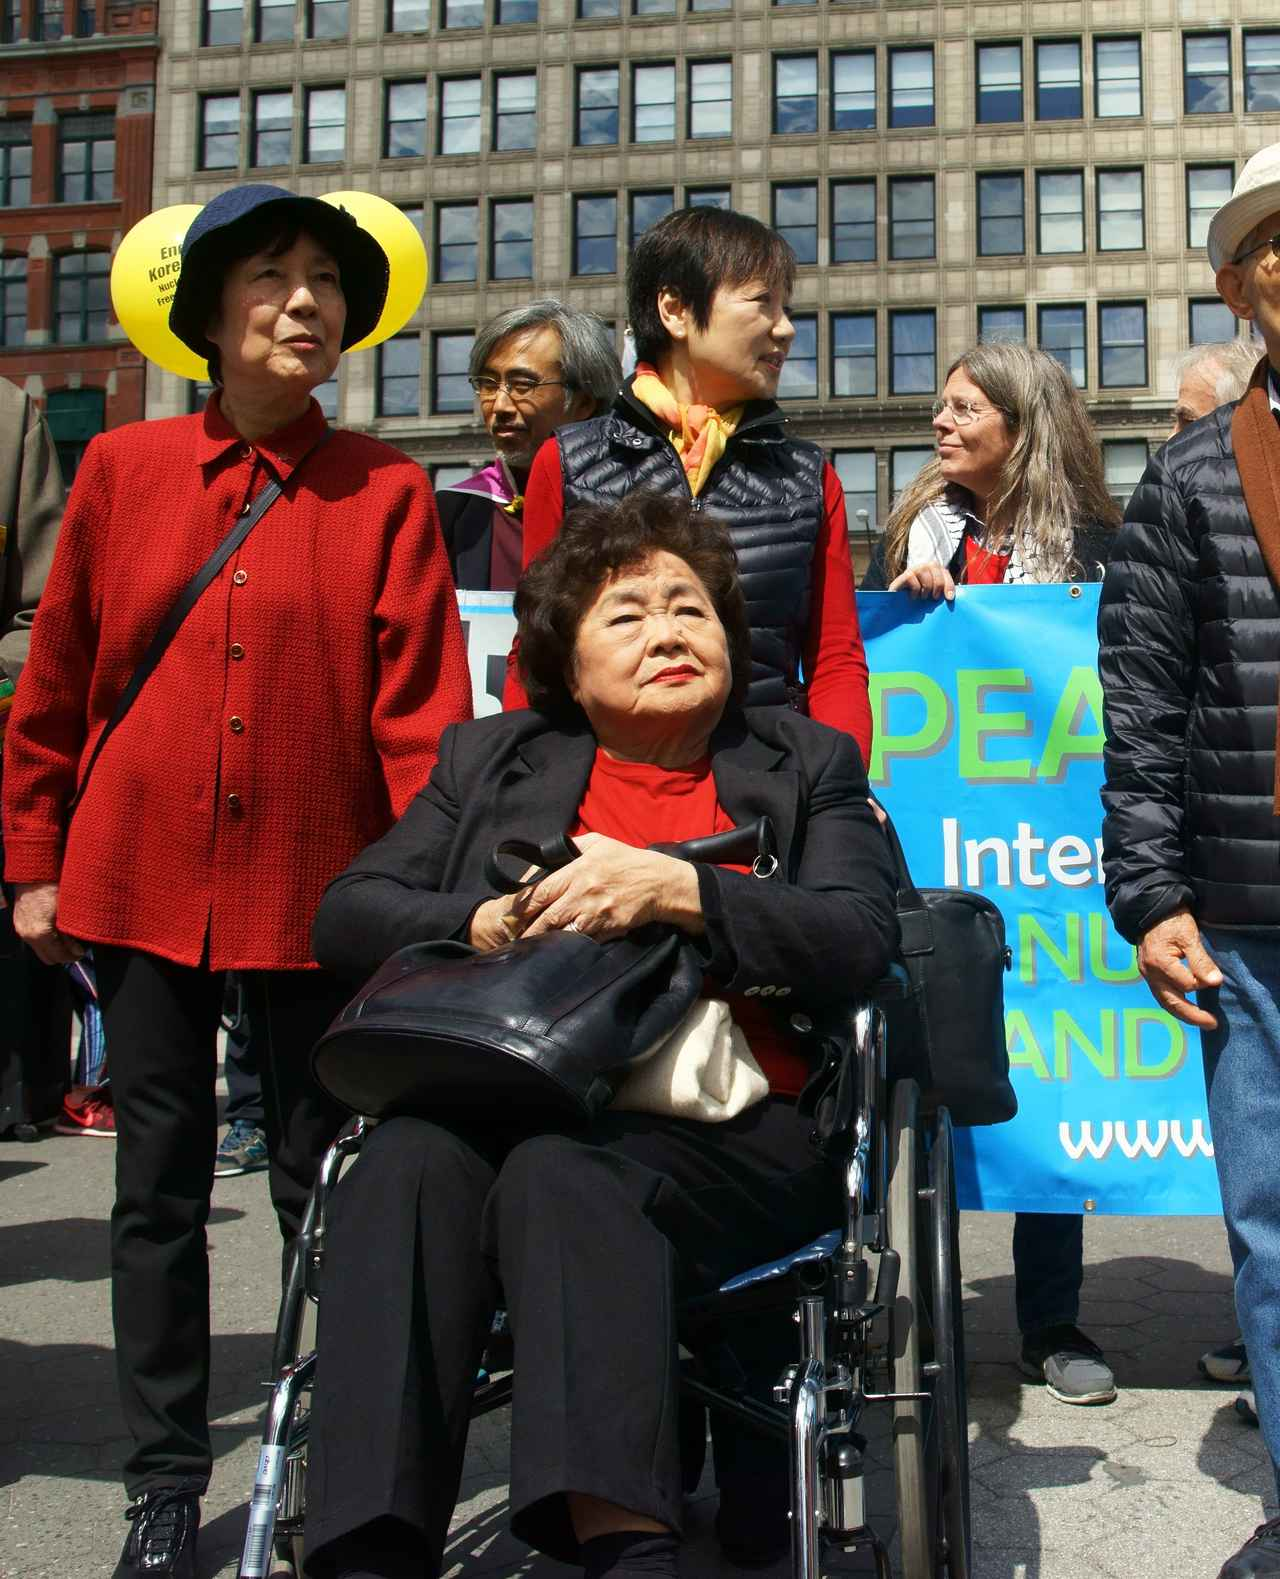 画像2: クライマックスはノーベル平和賞授賞式での力強いスピーチ